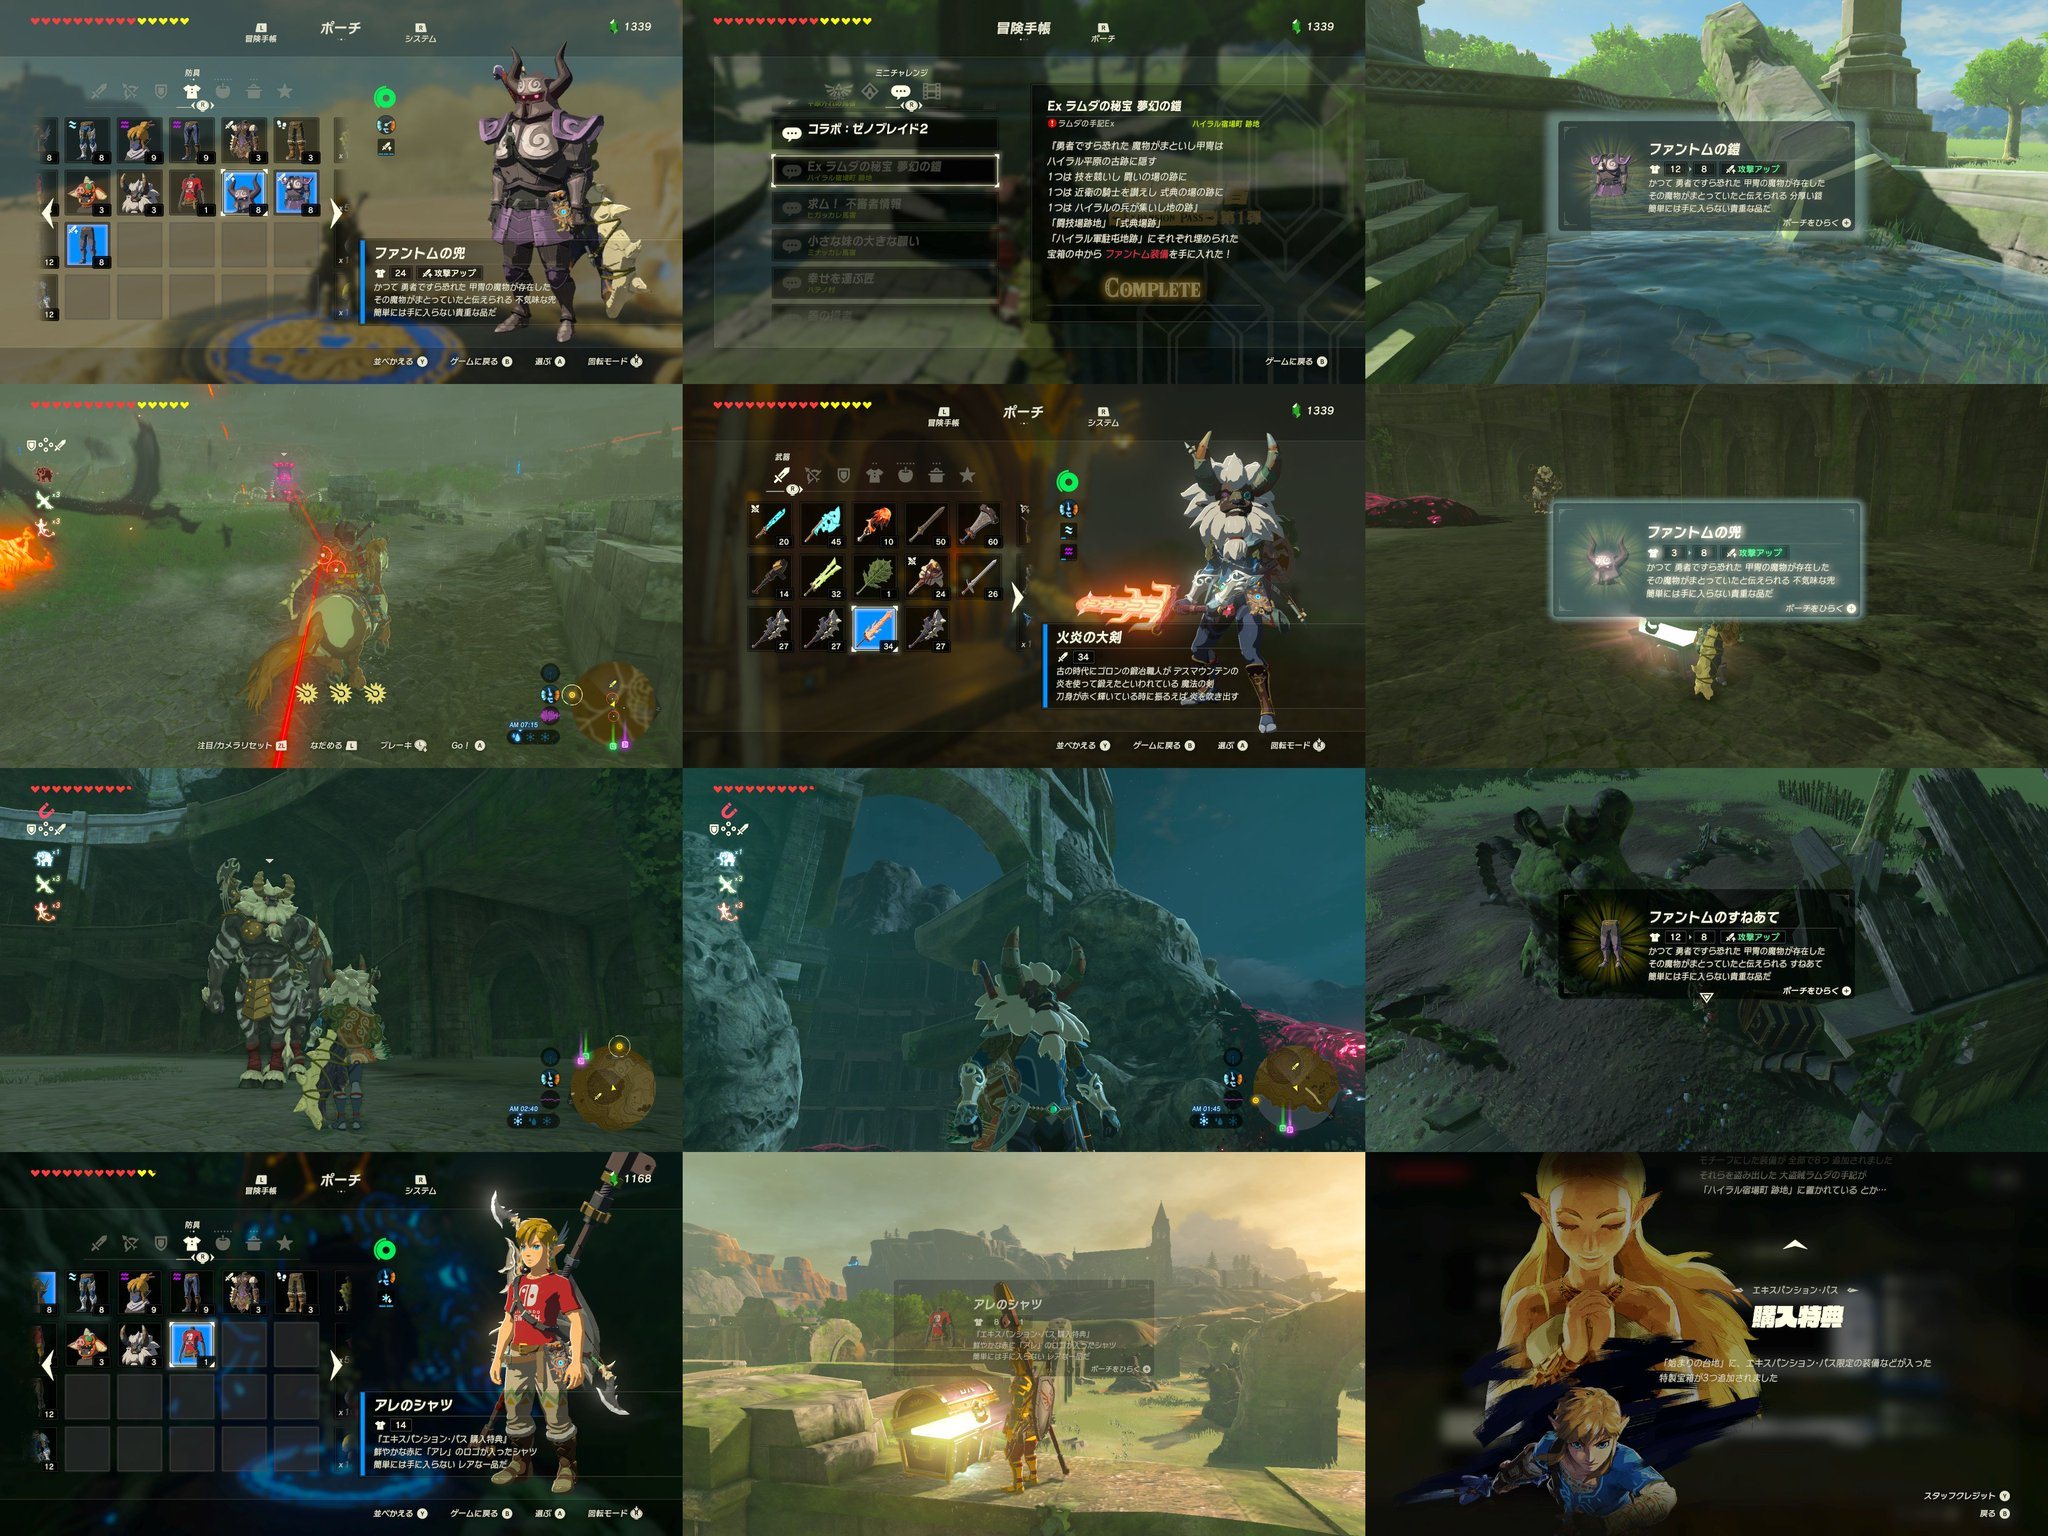 エキスパンション・パス特典を楽しむ(*´∀`*) レアなアレのシャツをゲット。ファントム装備をゲット。馬で走るとガーディアンのビームがわりと当たらないΣ(゚Д゚) ライネルマスクである程度ごまかせる(1回だけ攻撃された)。 #ゼルダの伝説 #BreathoftheWild #NintendoSwitch https://t.co/JkFYmeoWUi